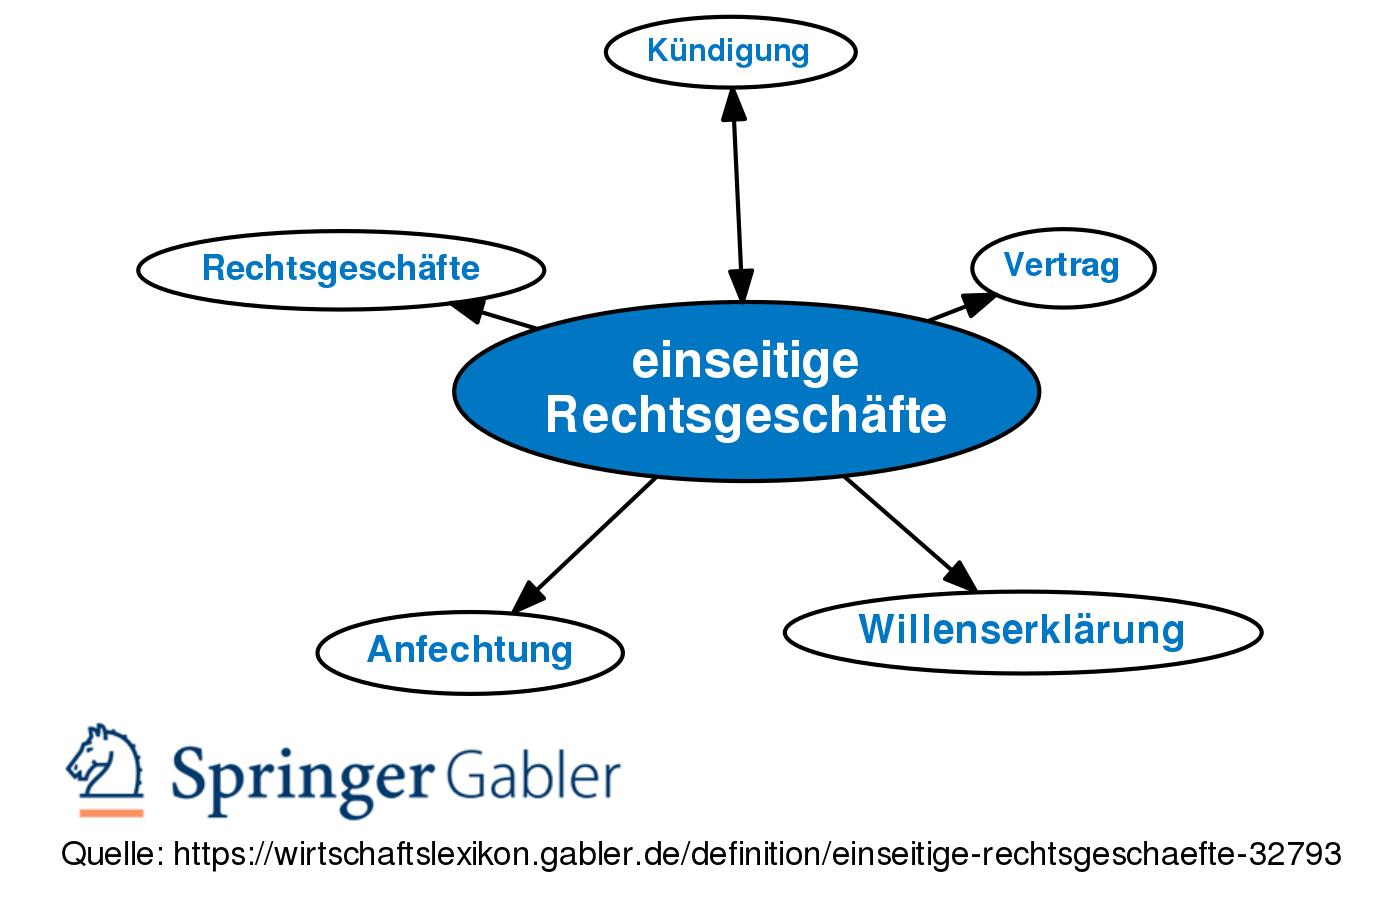 Einseitige Rechtsgeschafte Definition Gabler